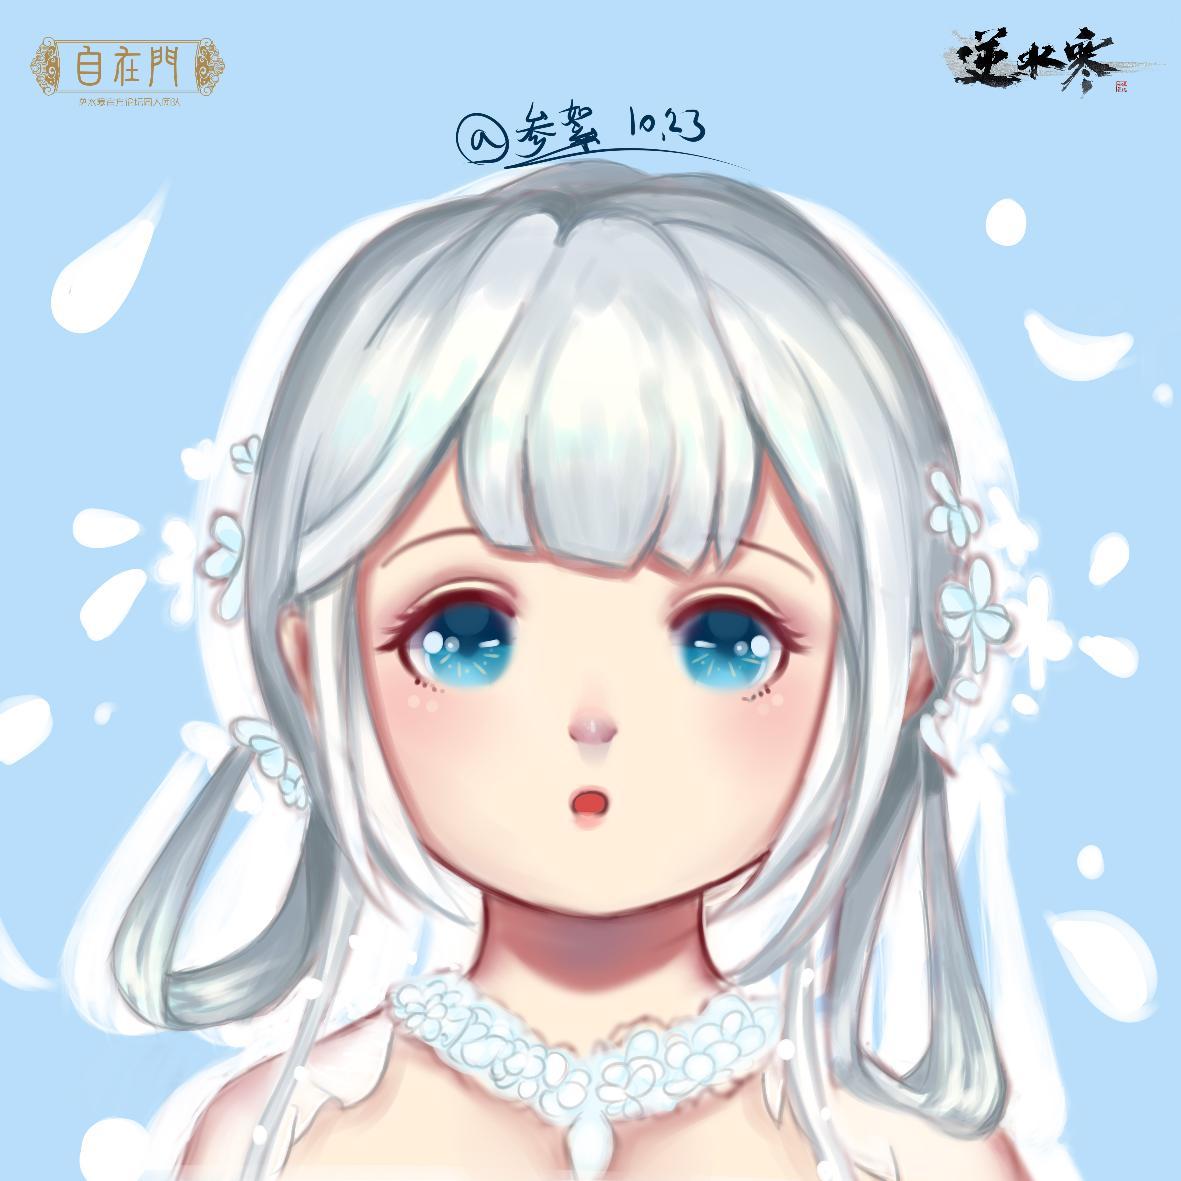 当铜钱时装小萝莉变成白发,居然辣么可爱!【自在门】【手绘】